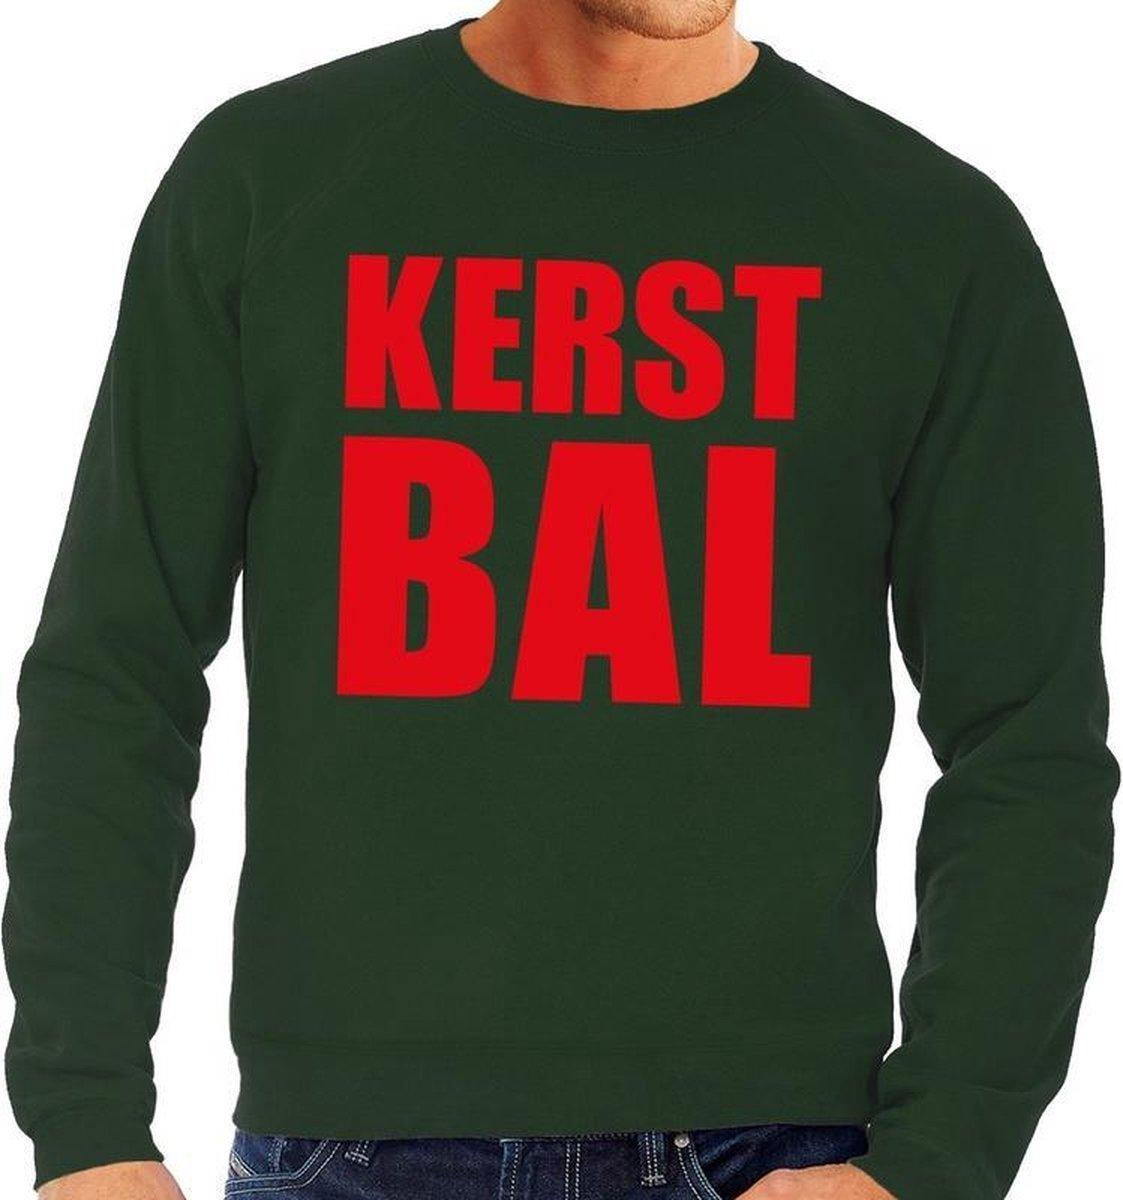 Foute kersttrui / sweater Kerst Bal groen voor heren - Kersttruien L (52) - Bellatio Decorations